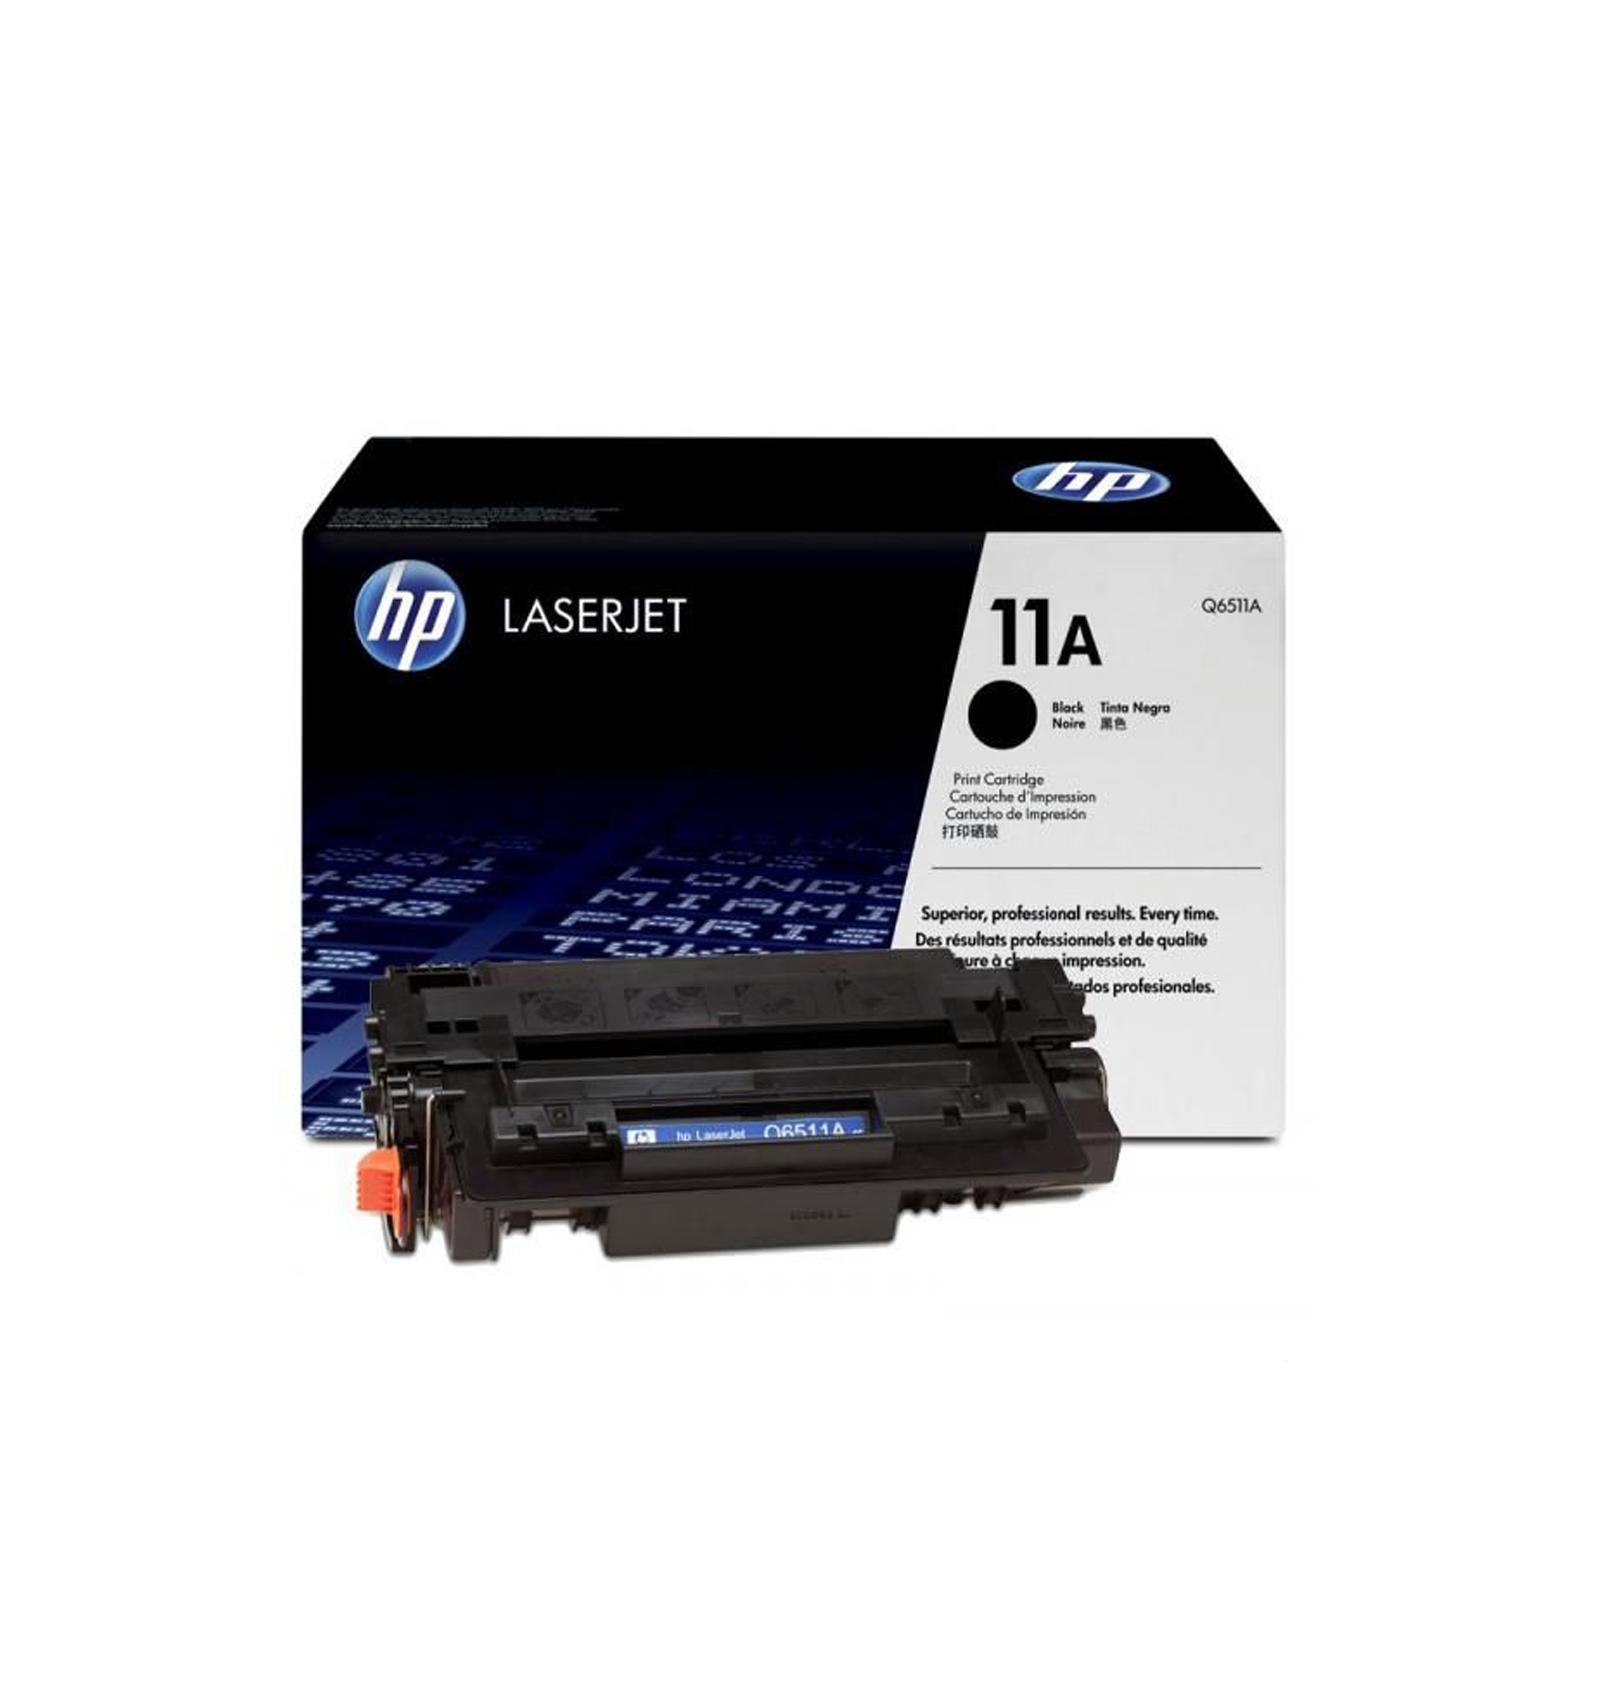 Заправка картриджей HP Q6511A (11A) для LaserJet 2400/2410/2420/2430